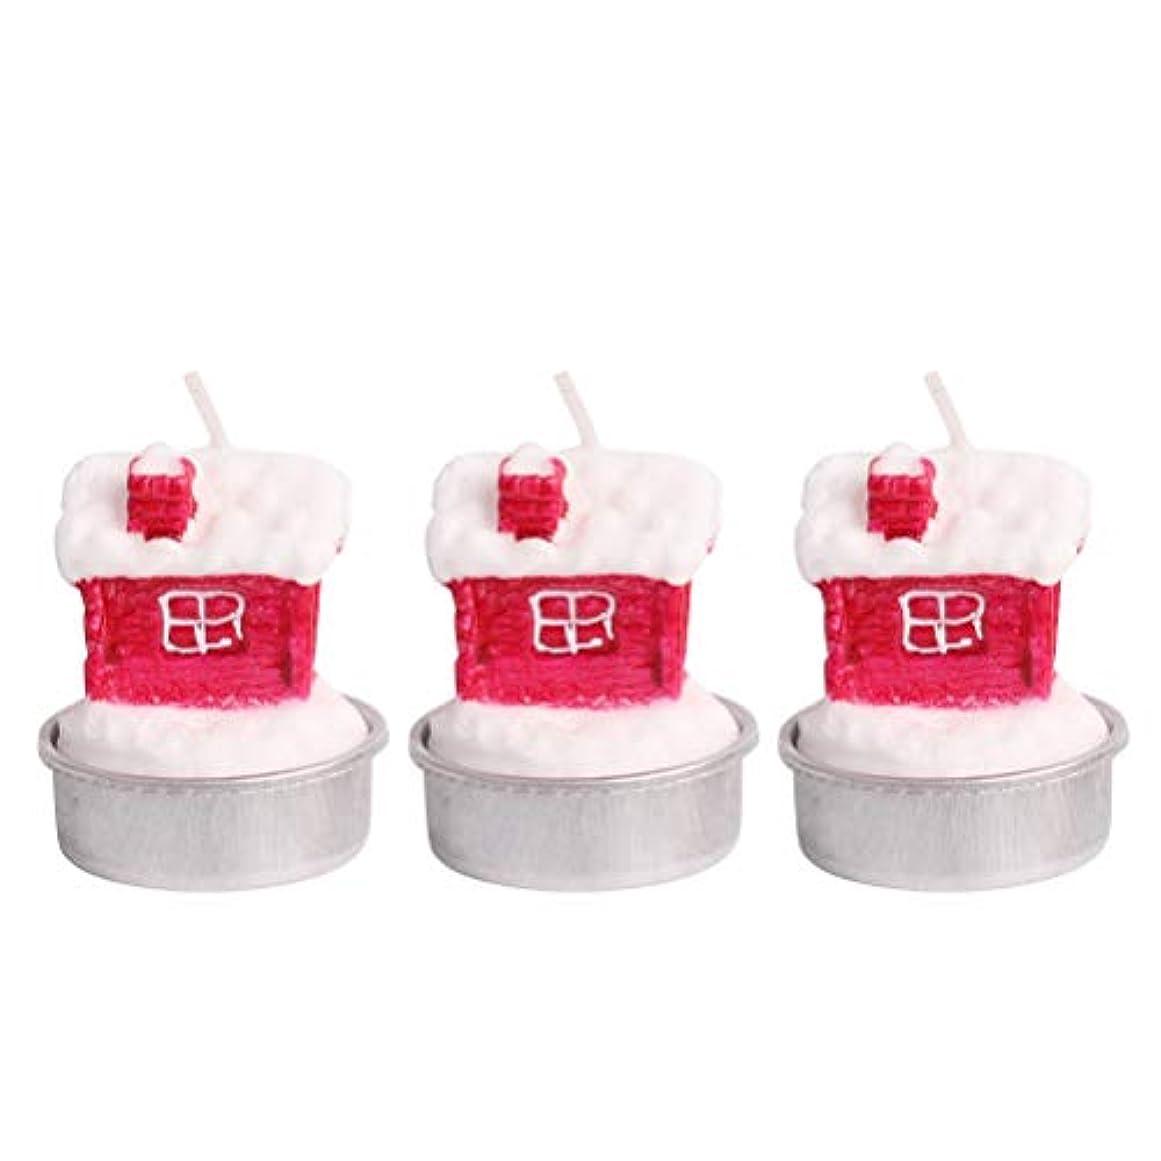 バラバラにする墓地欠陥BESTOYARD ホルダー付きクリスマスキャンドルクリスマスハウステーブルデコレーション装飾品